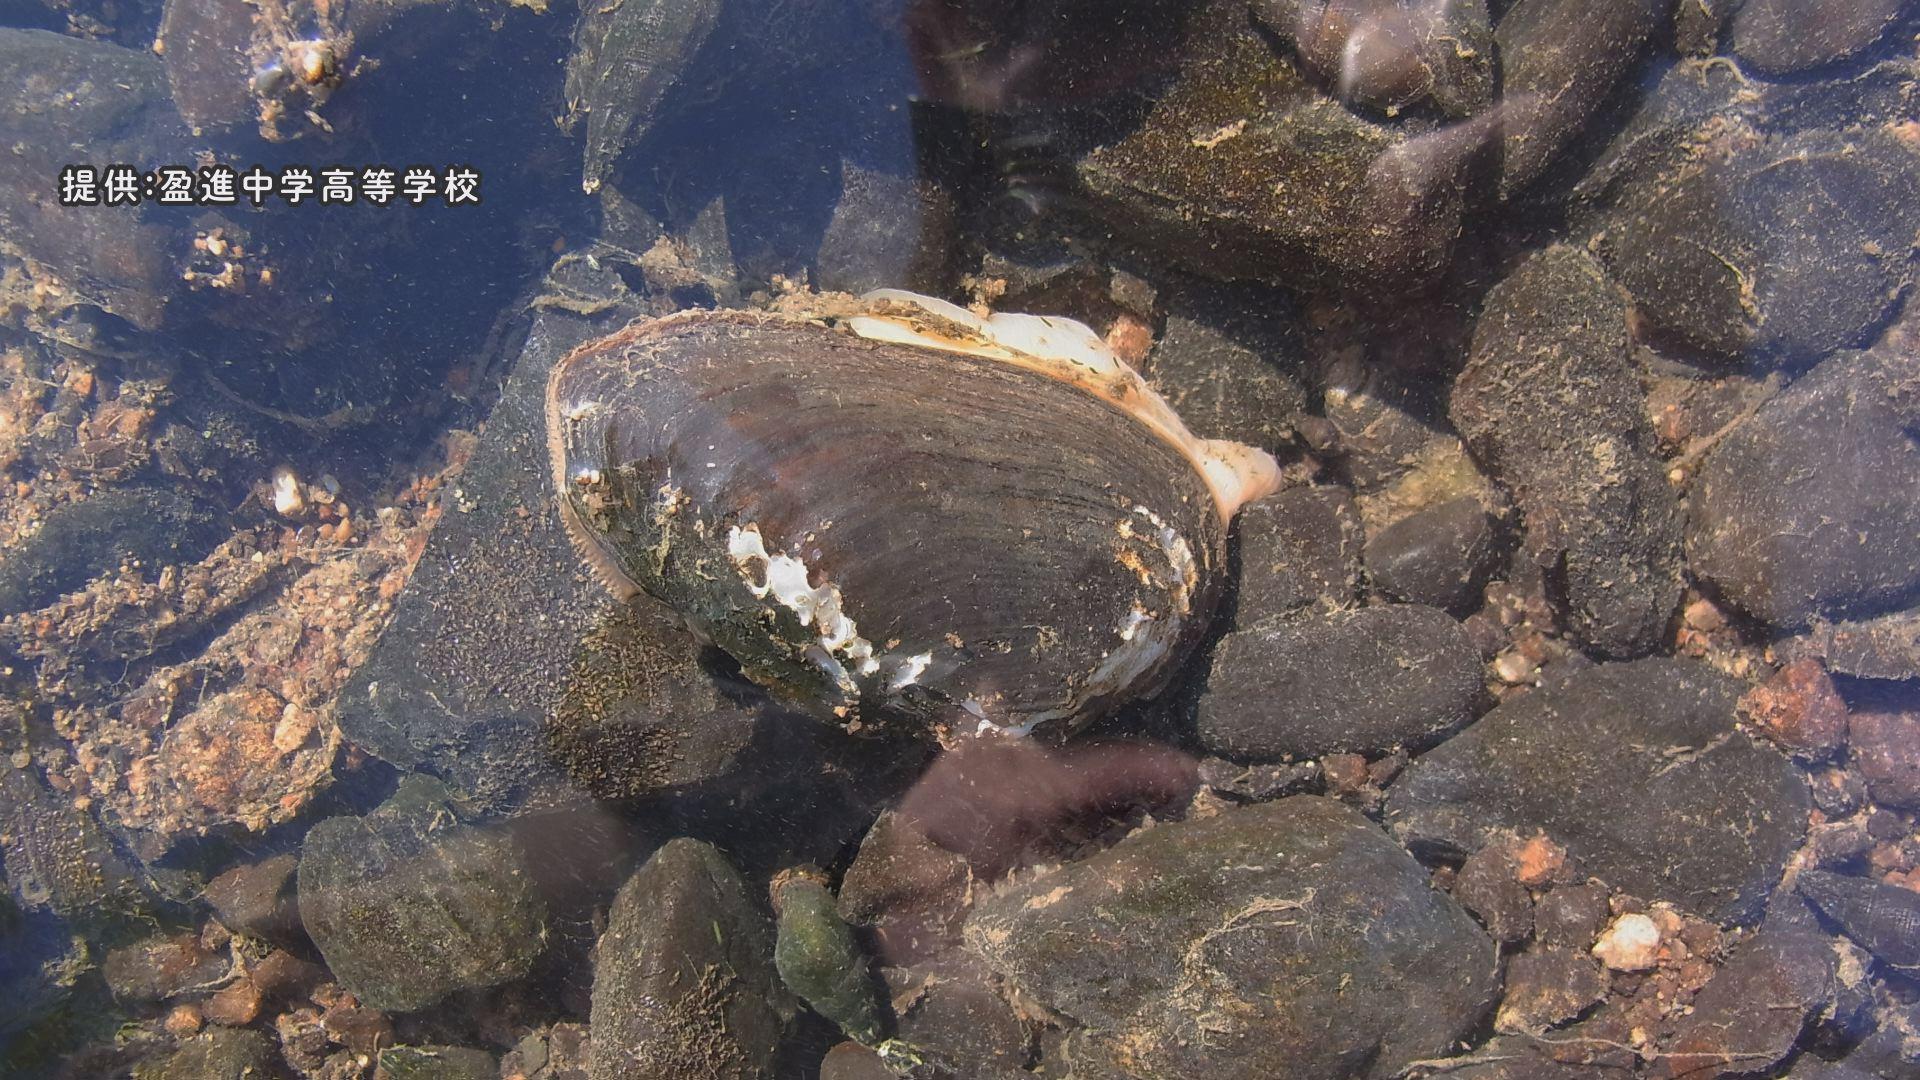 イシガイなどの二枚貝に卵を産み付ける(画像提供:盈進中学高等学校)